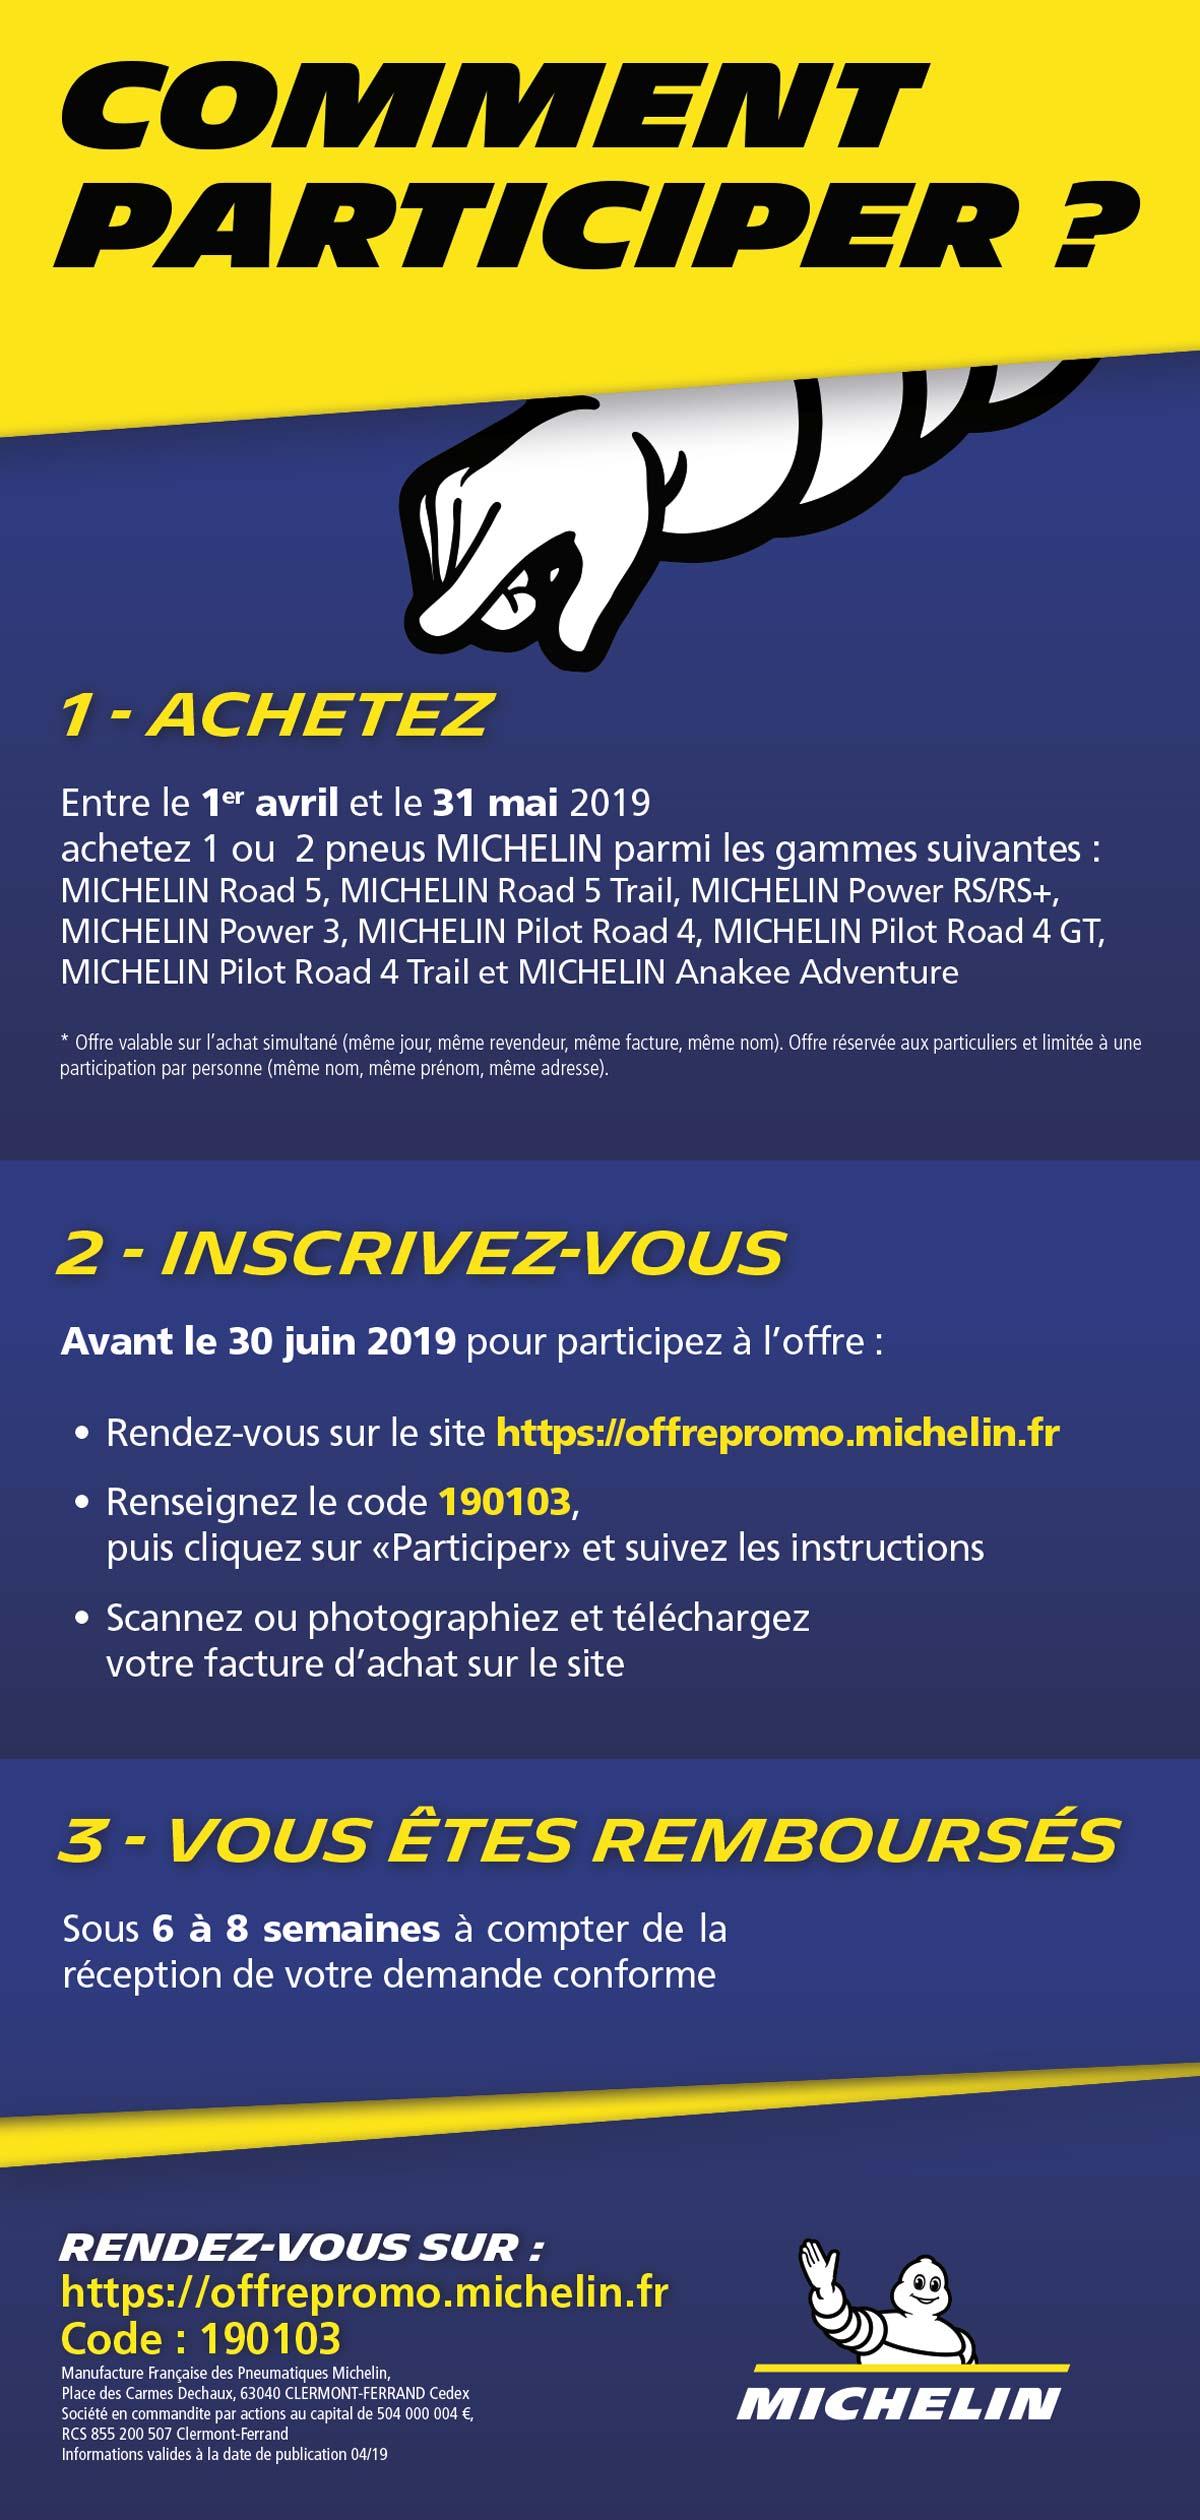 reglement opération MICHELIN Mai 2019 - Vous rembourse 10 ou 30 euros